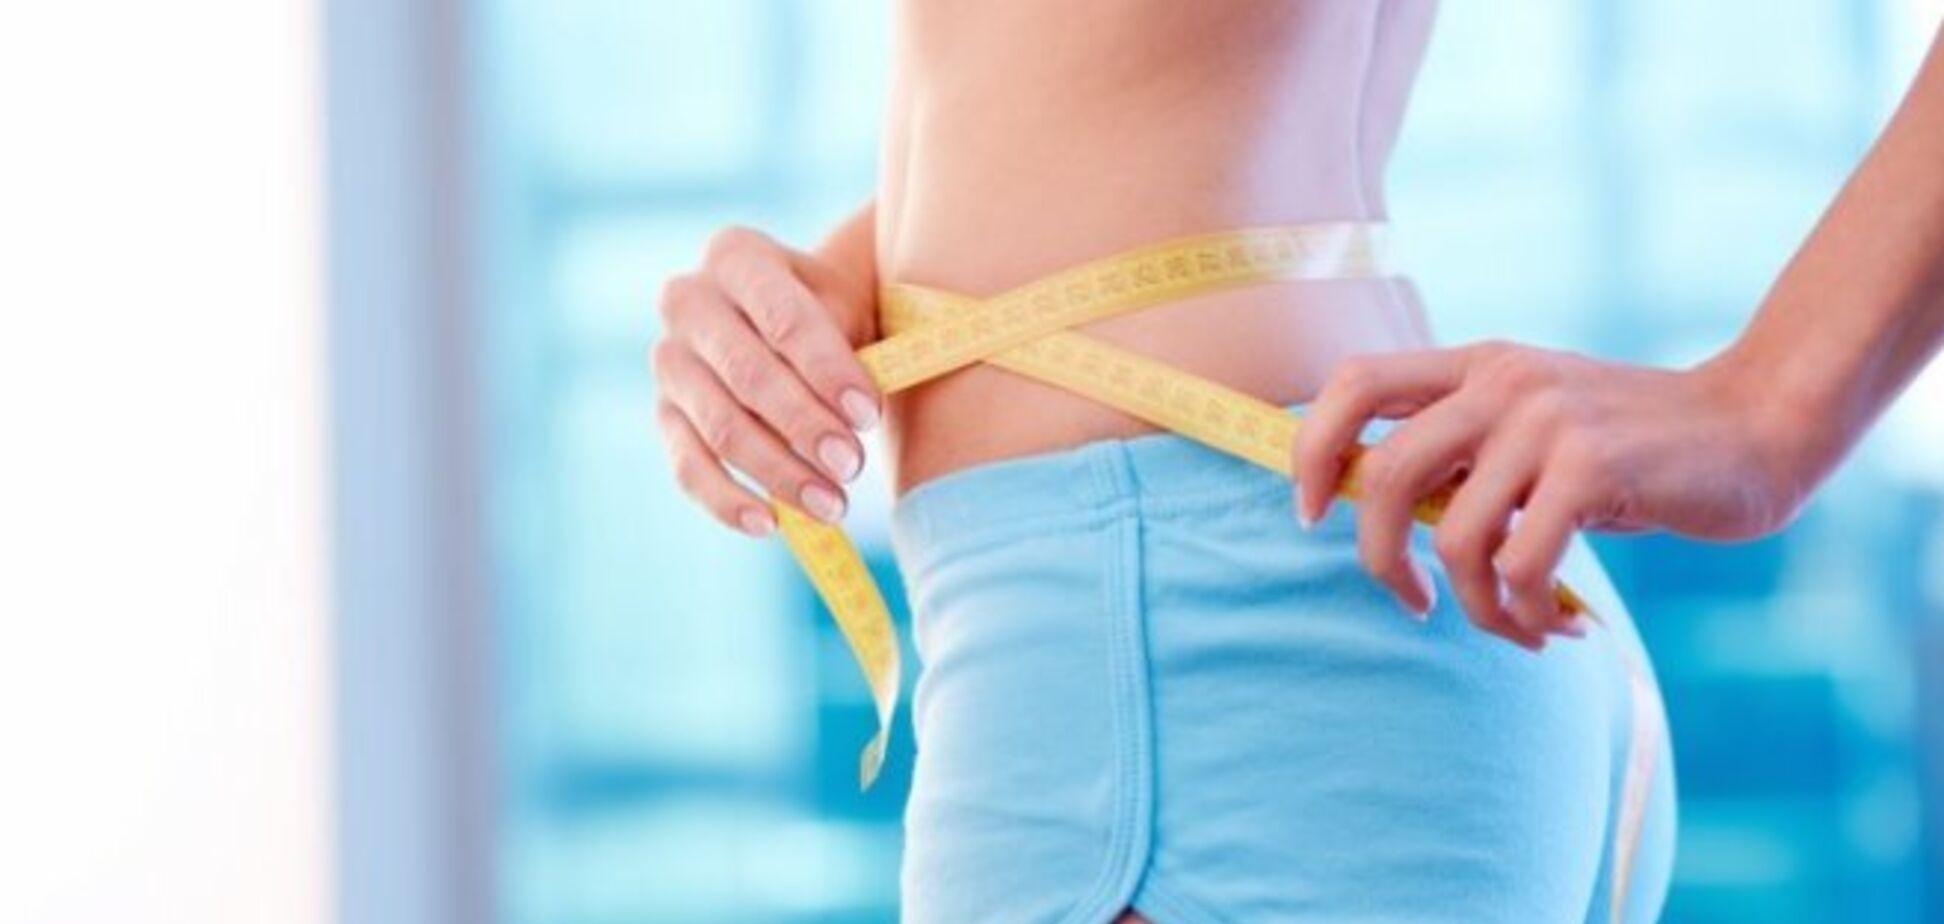 Как привести себя в форму, не сидя на диетах и не умирая в спортзале